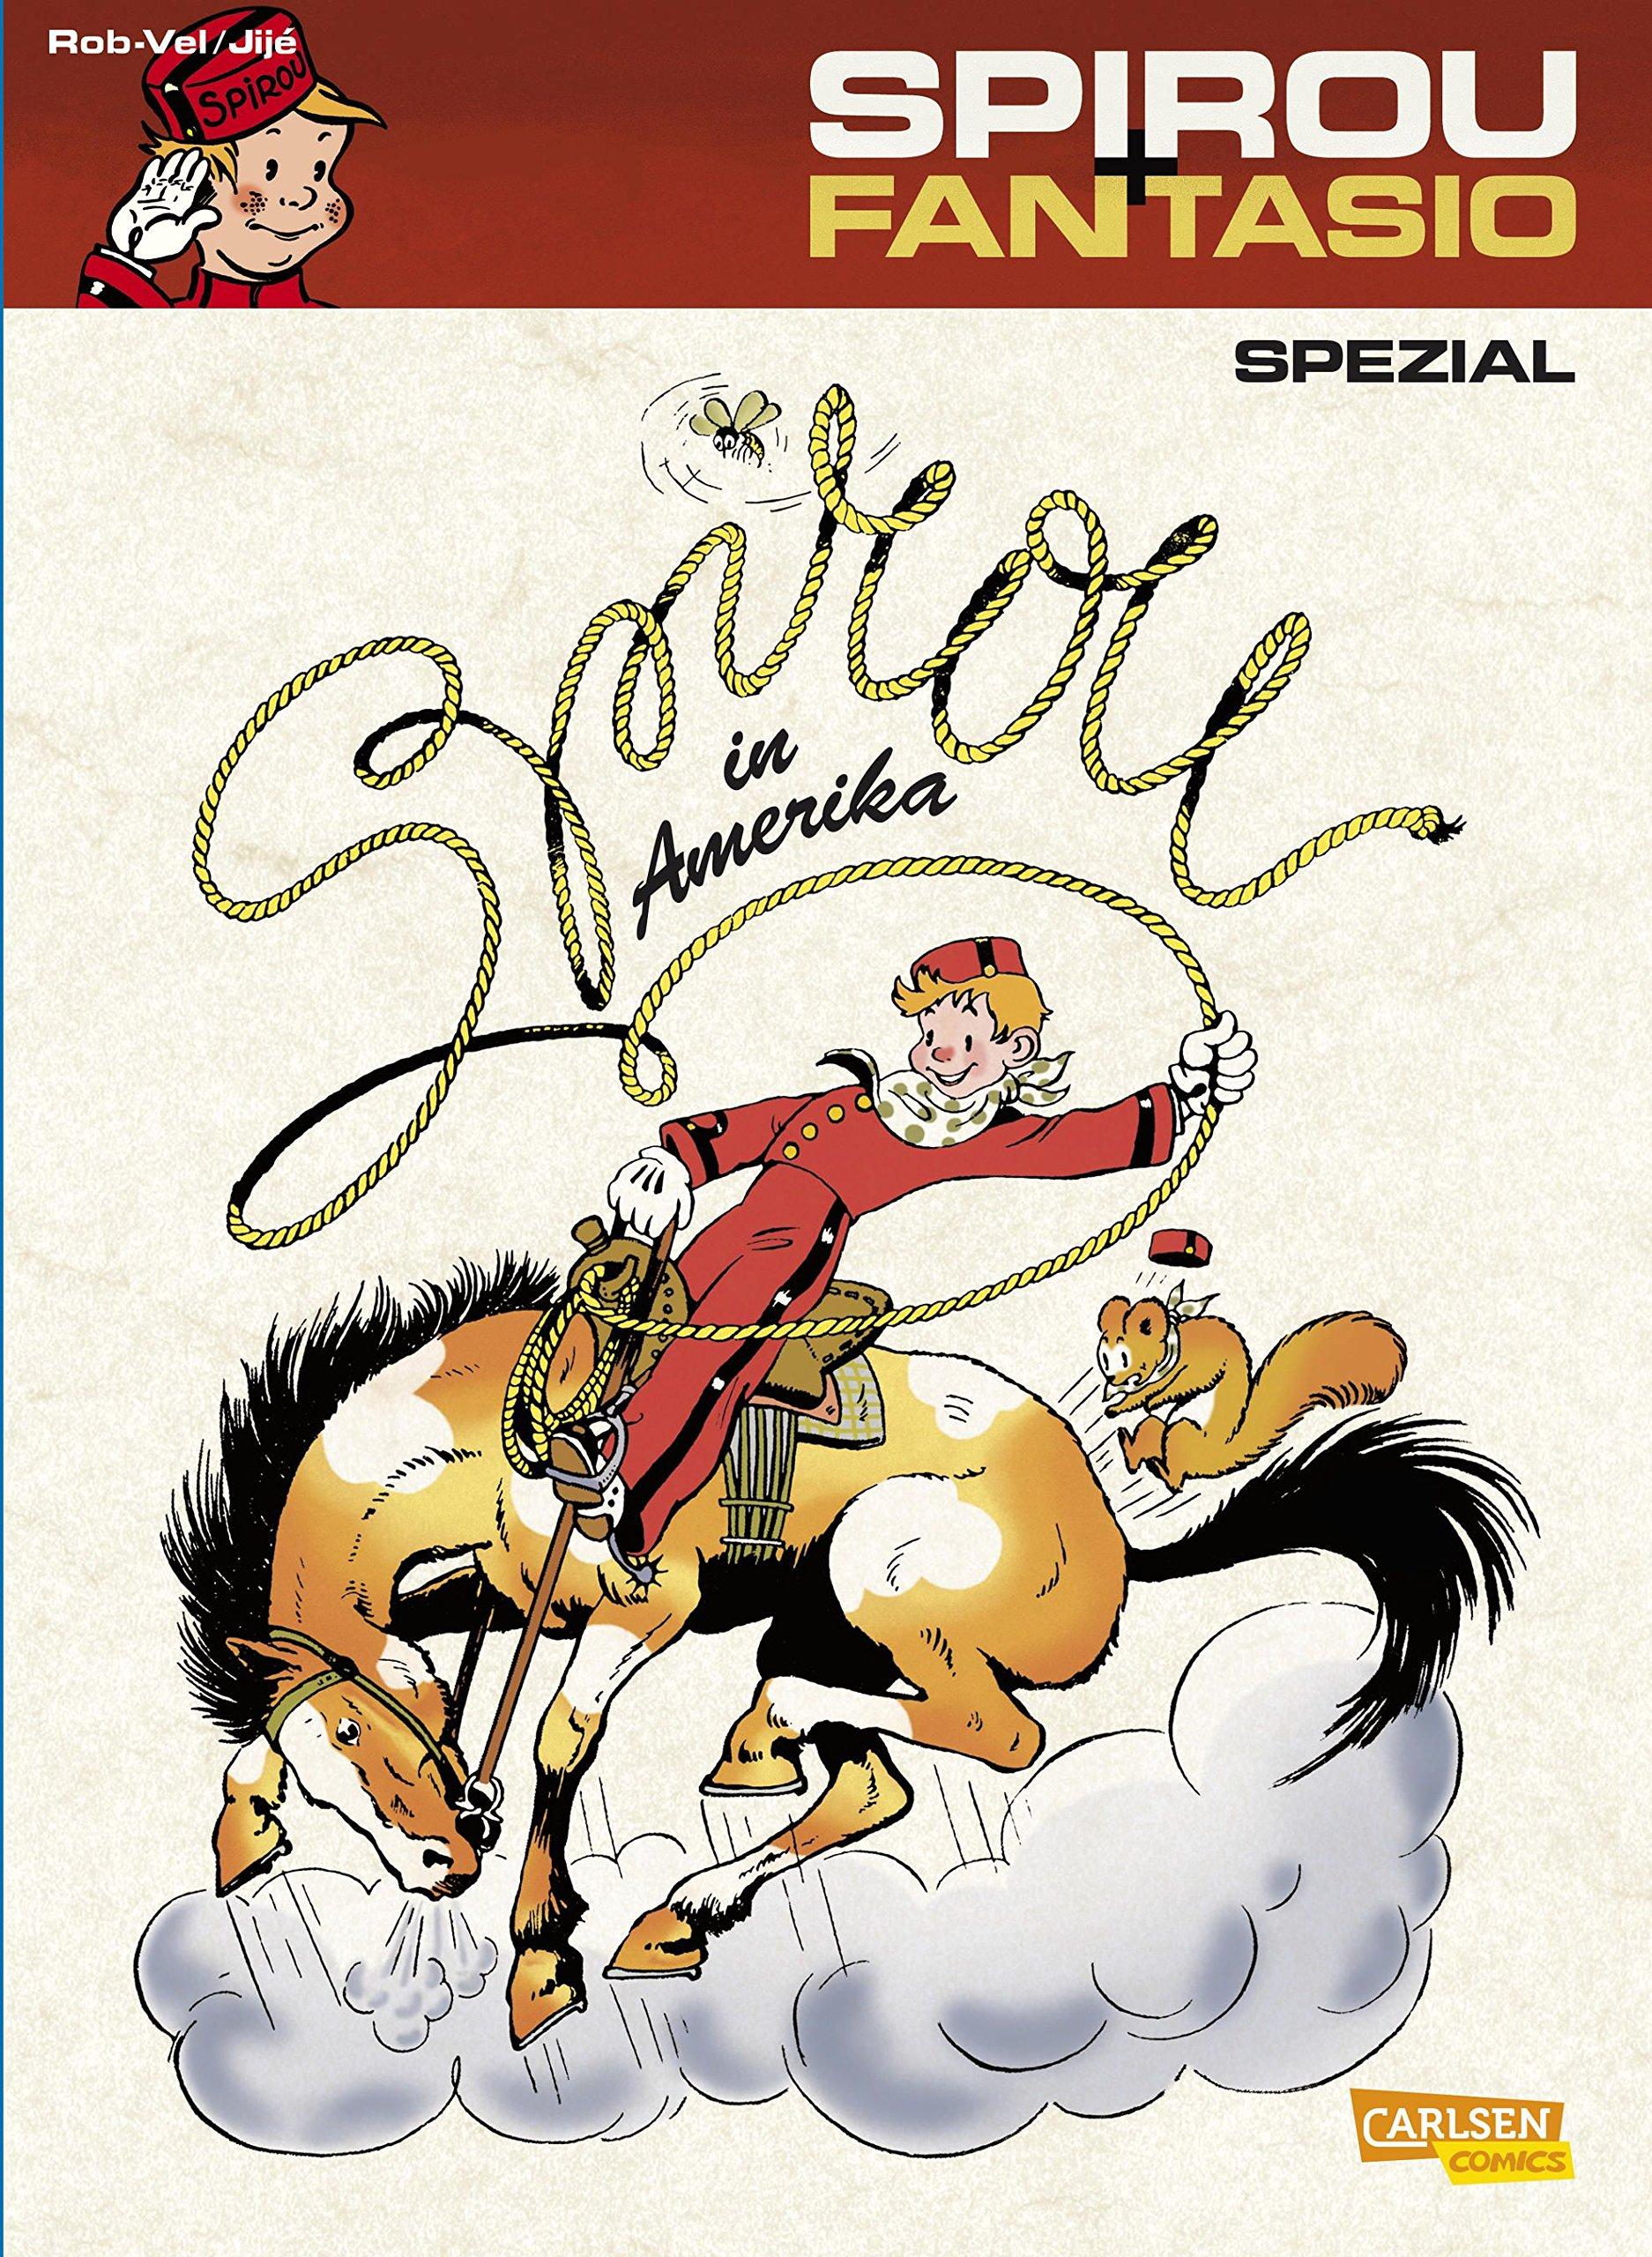 Spirou & Fantasio Spezial, Band 15: Spirou in Amerika Taschenbuch – 22. Dezember 2012 Rob-Vel Carlsen 3551775850 Abenteuer